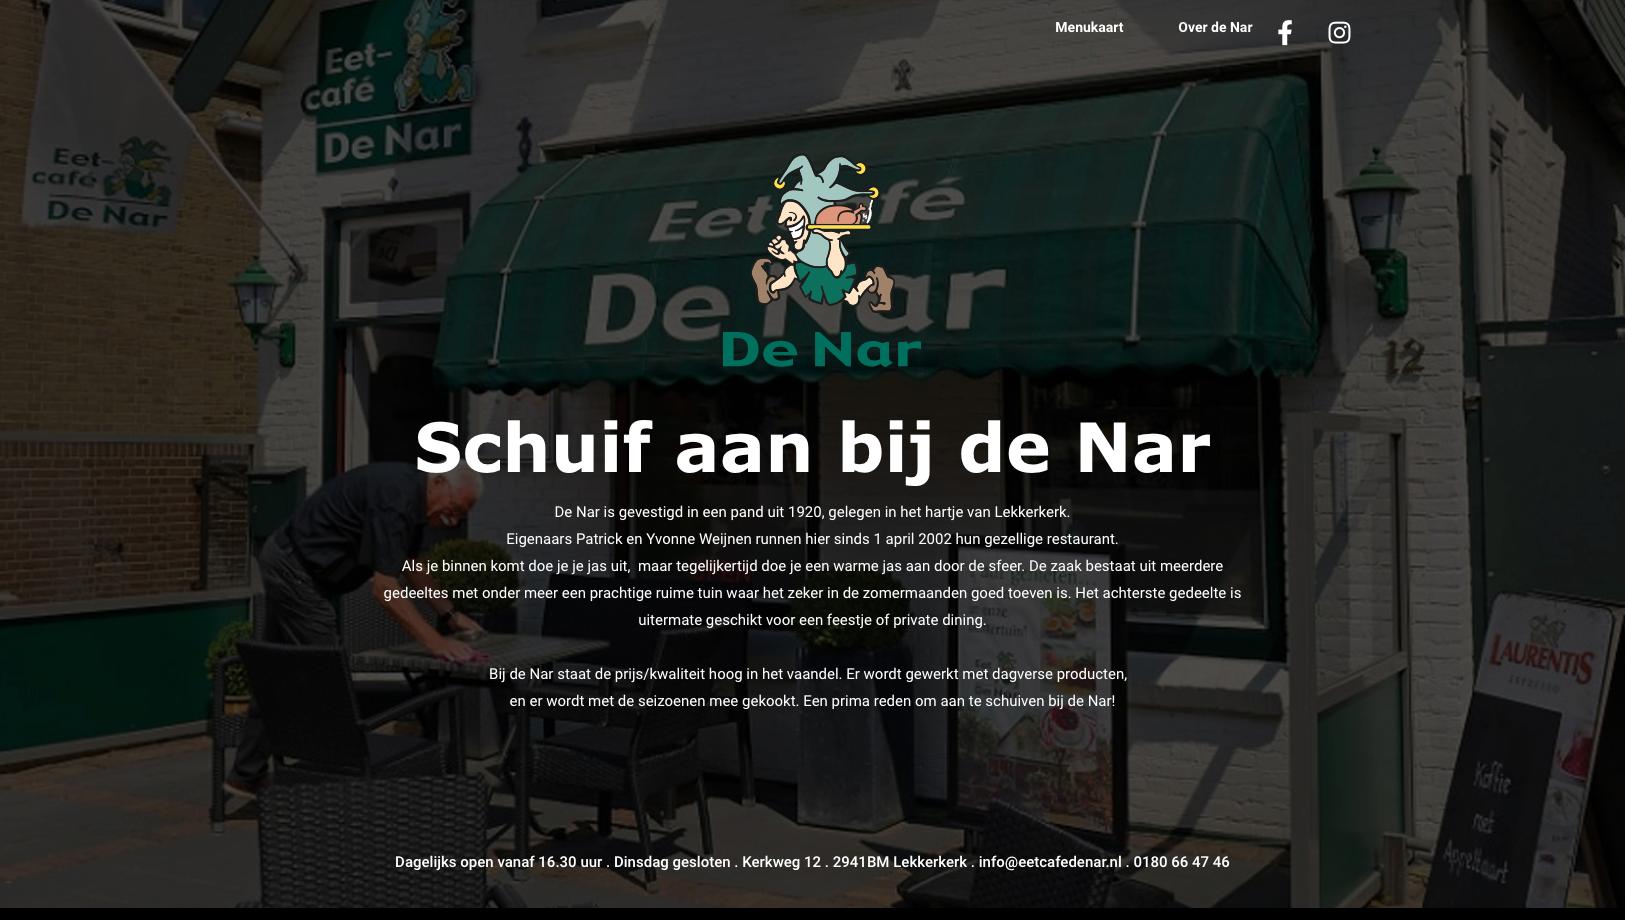 screencapture-eetcafedenar-nl-over-de-nar-2020-07-30-14_32_44